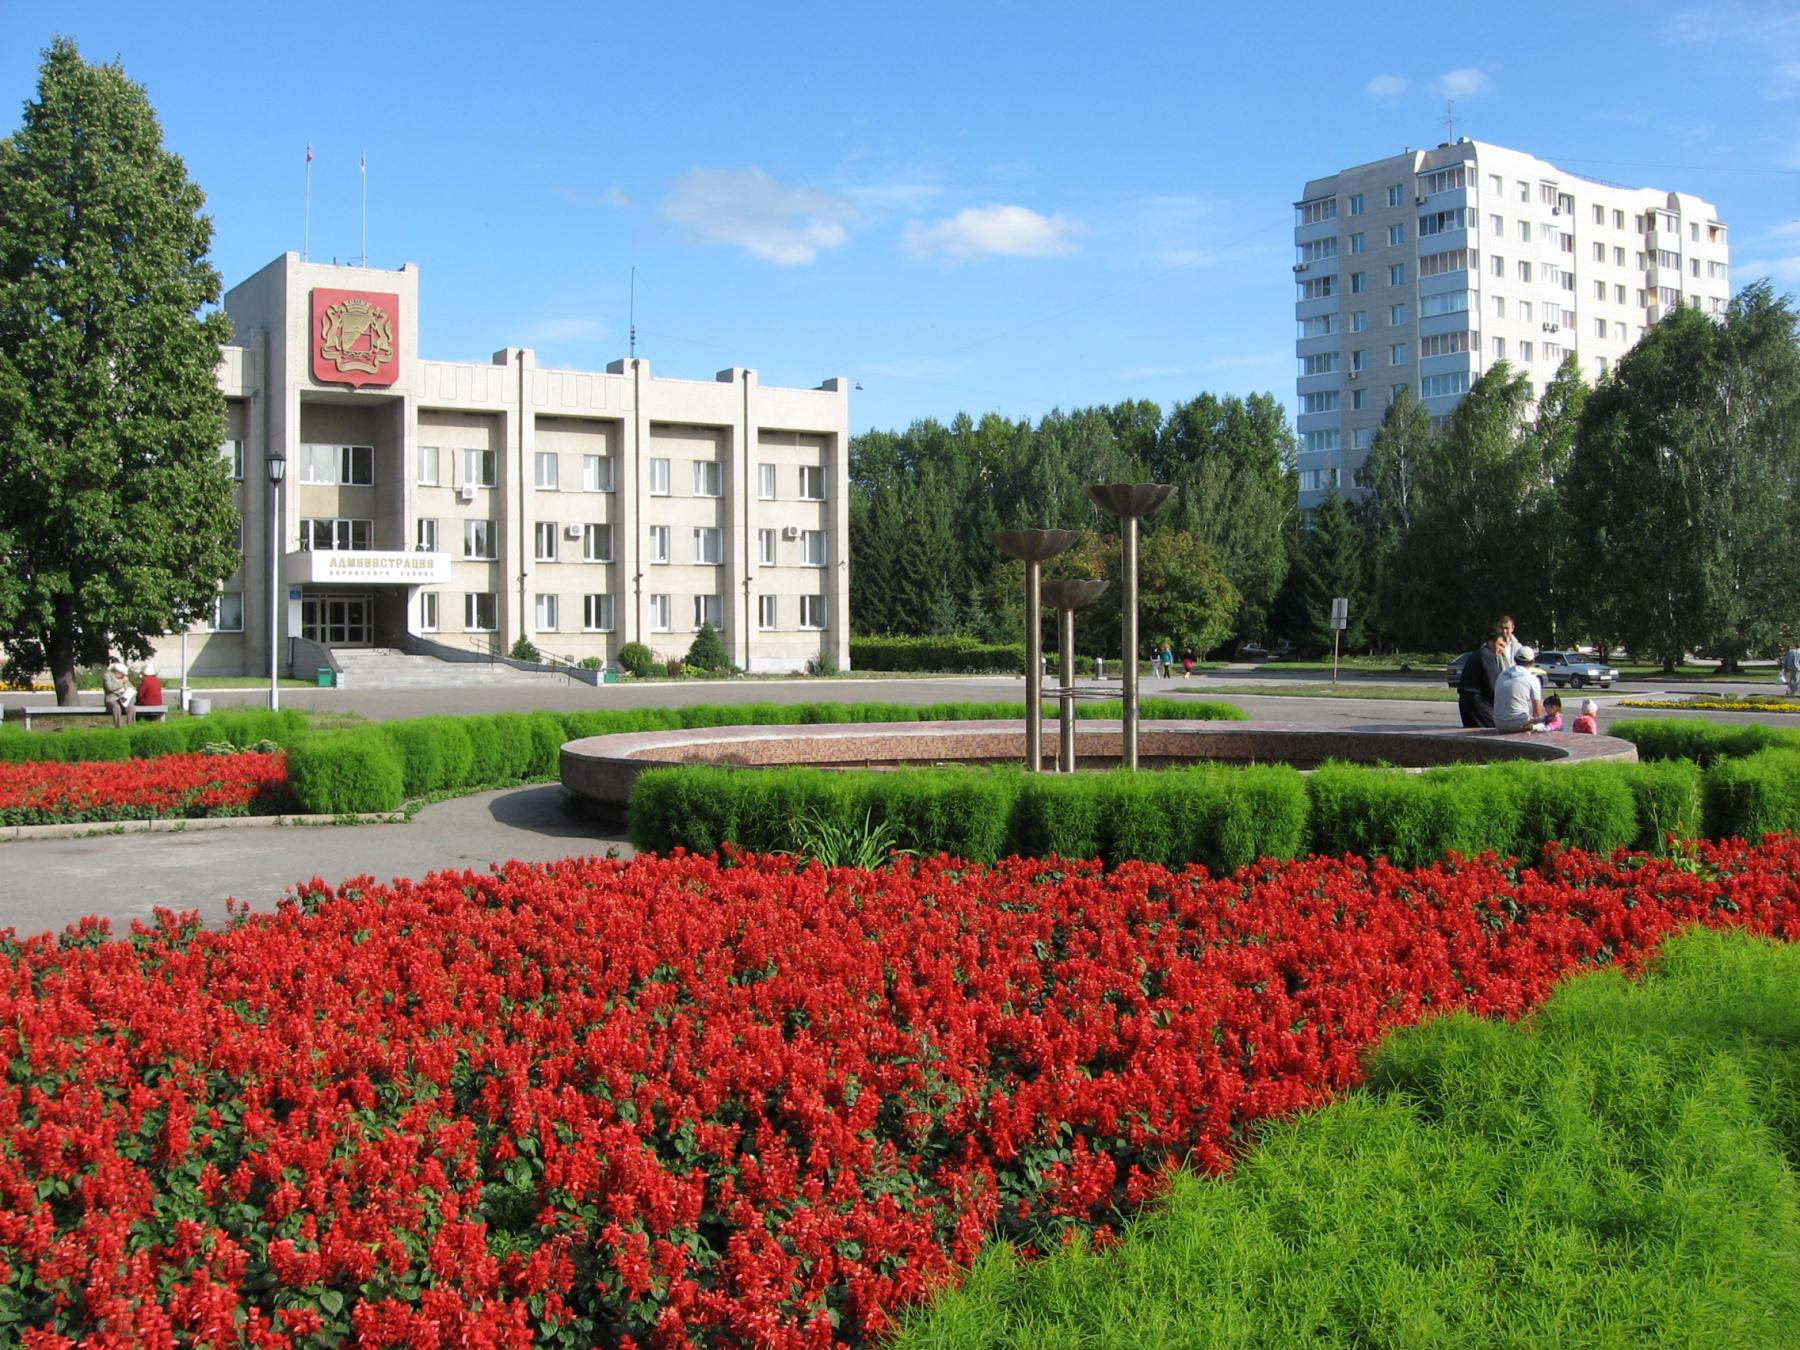 Фото Новосибирские власти выделят бизнесу более 3 миллиардов рублей 2